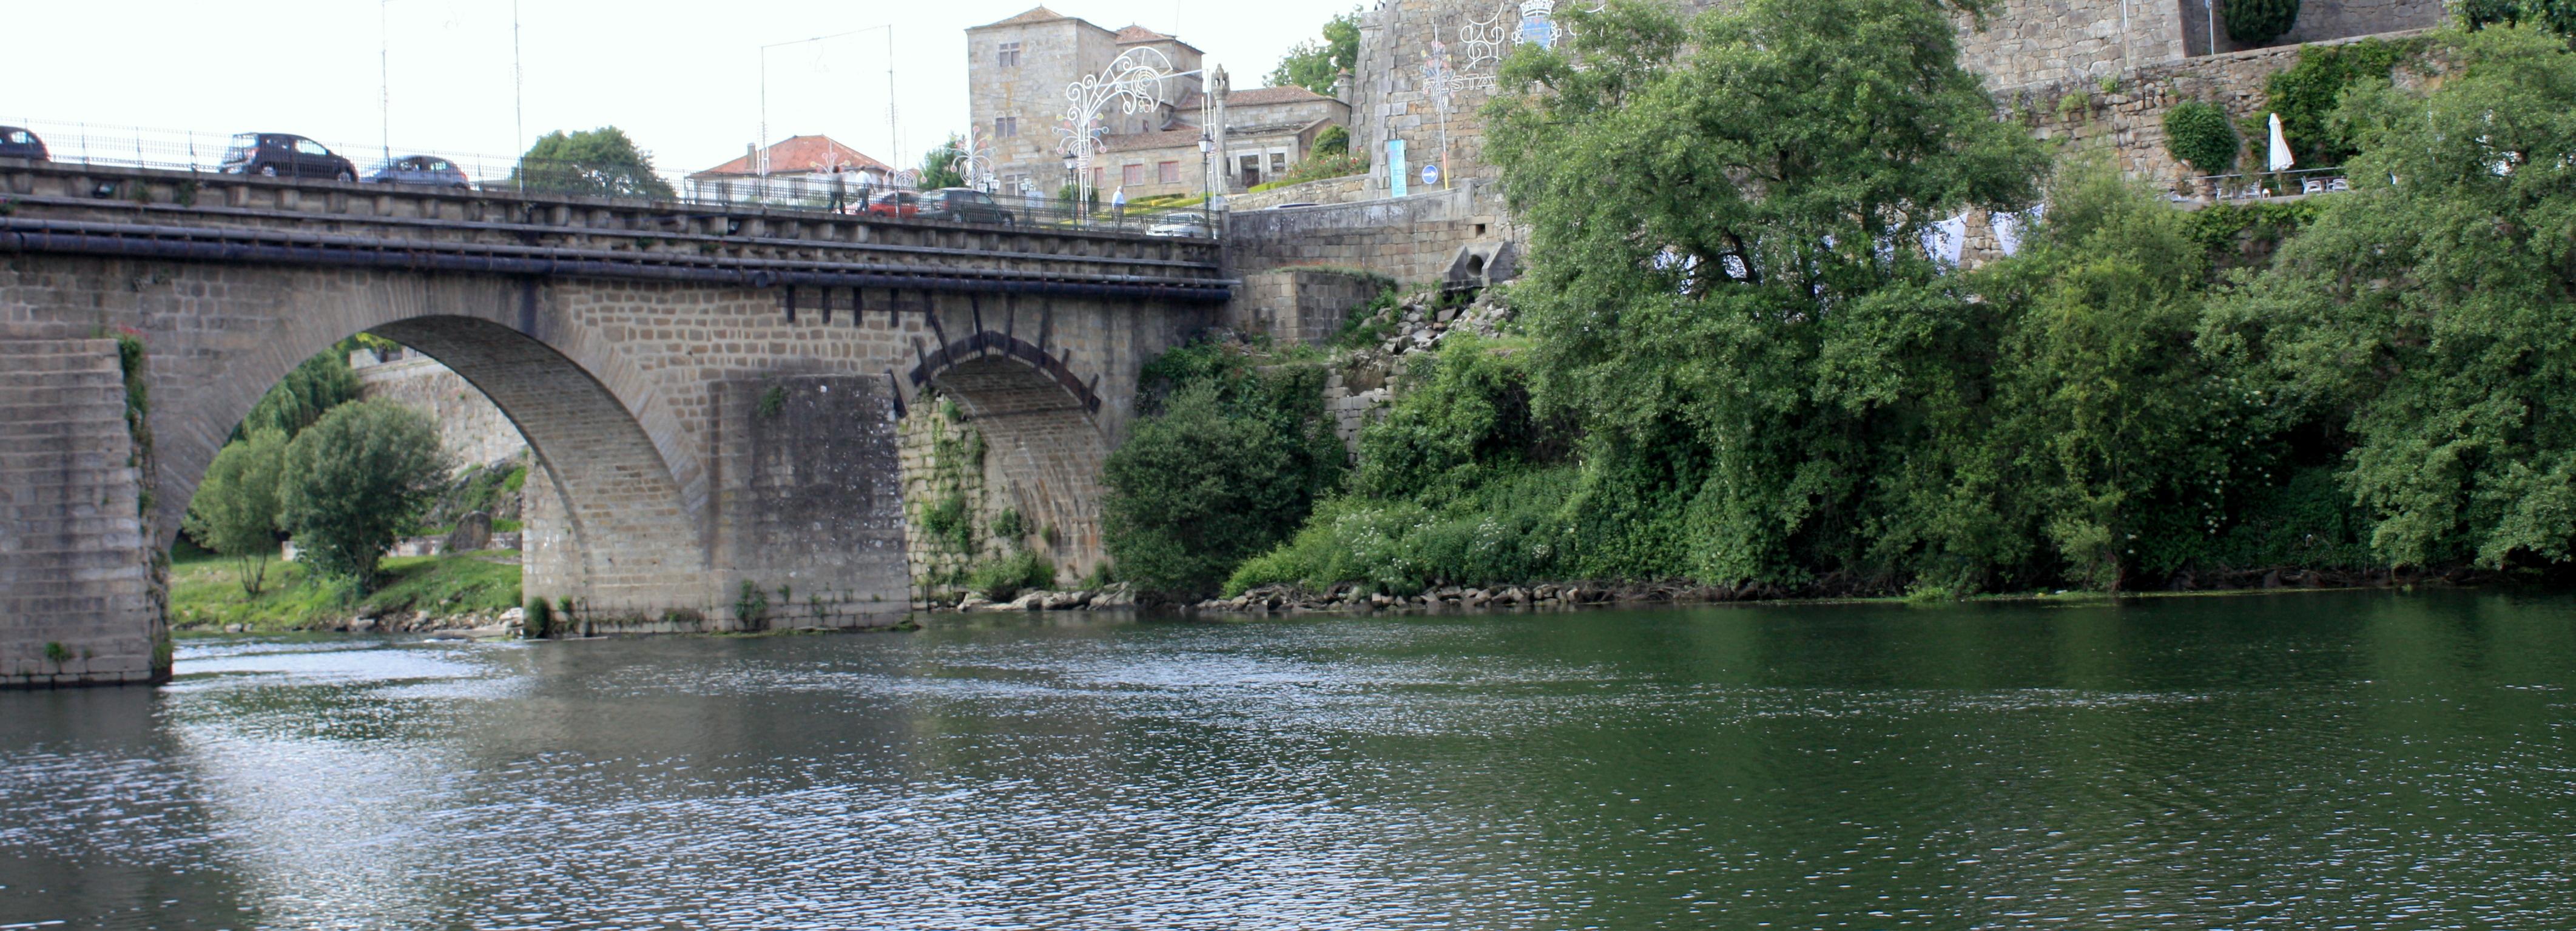 Câmara Municipal arranca com programa de valorização do rio Cávado